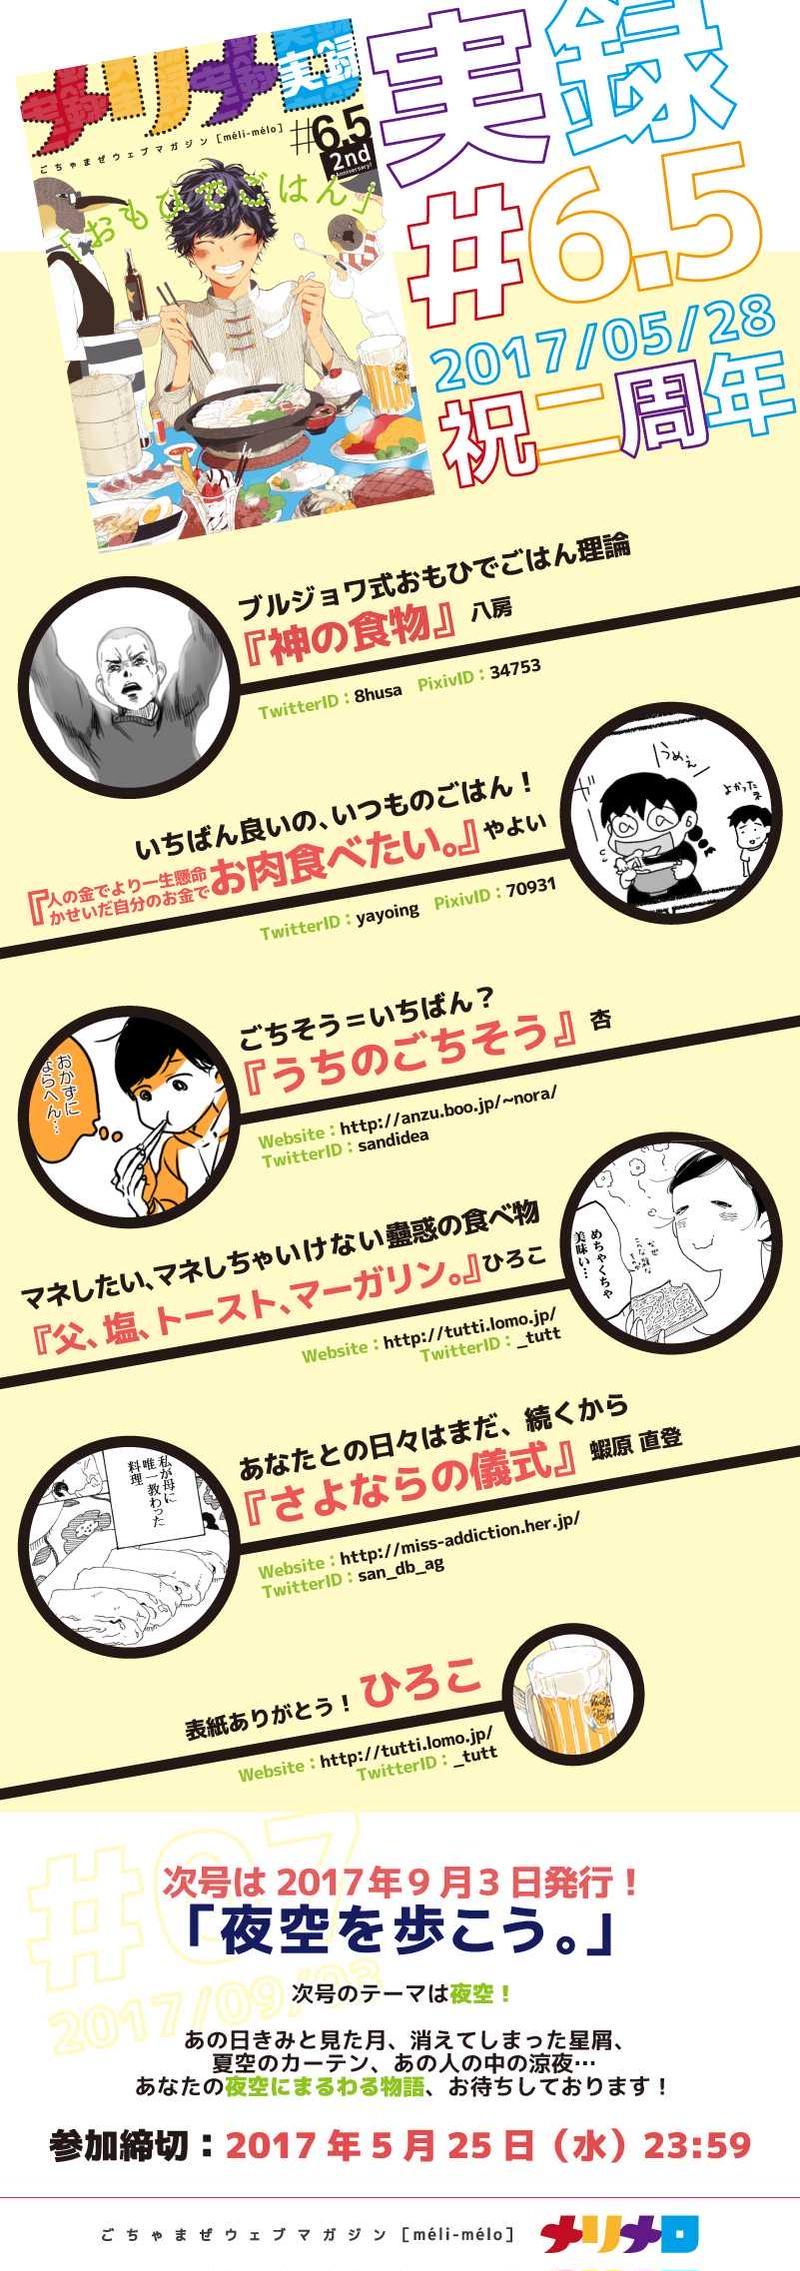 #6.5 実録「おもひでごはん」【メリメロ二周年!!】